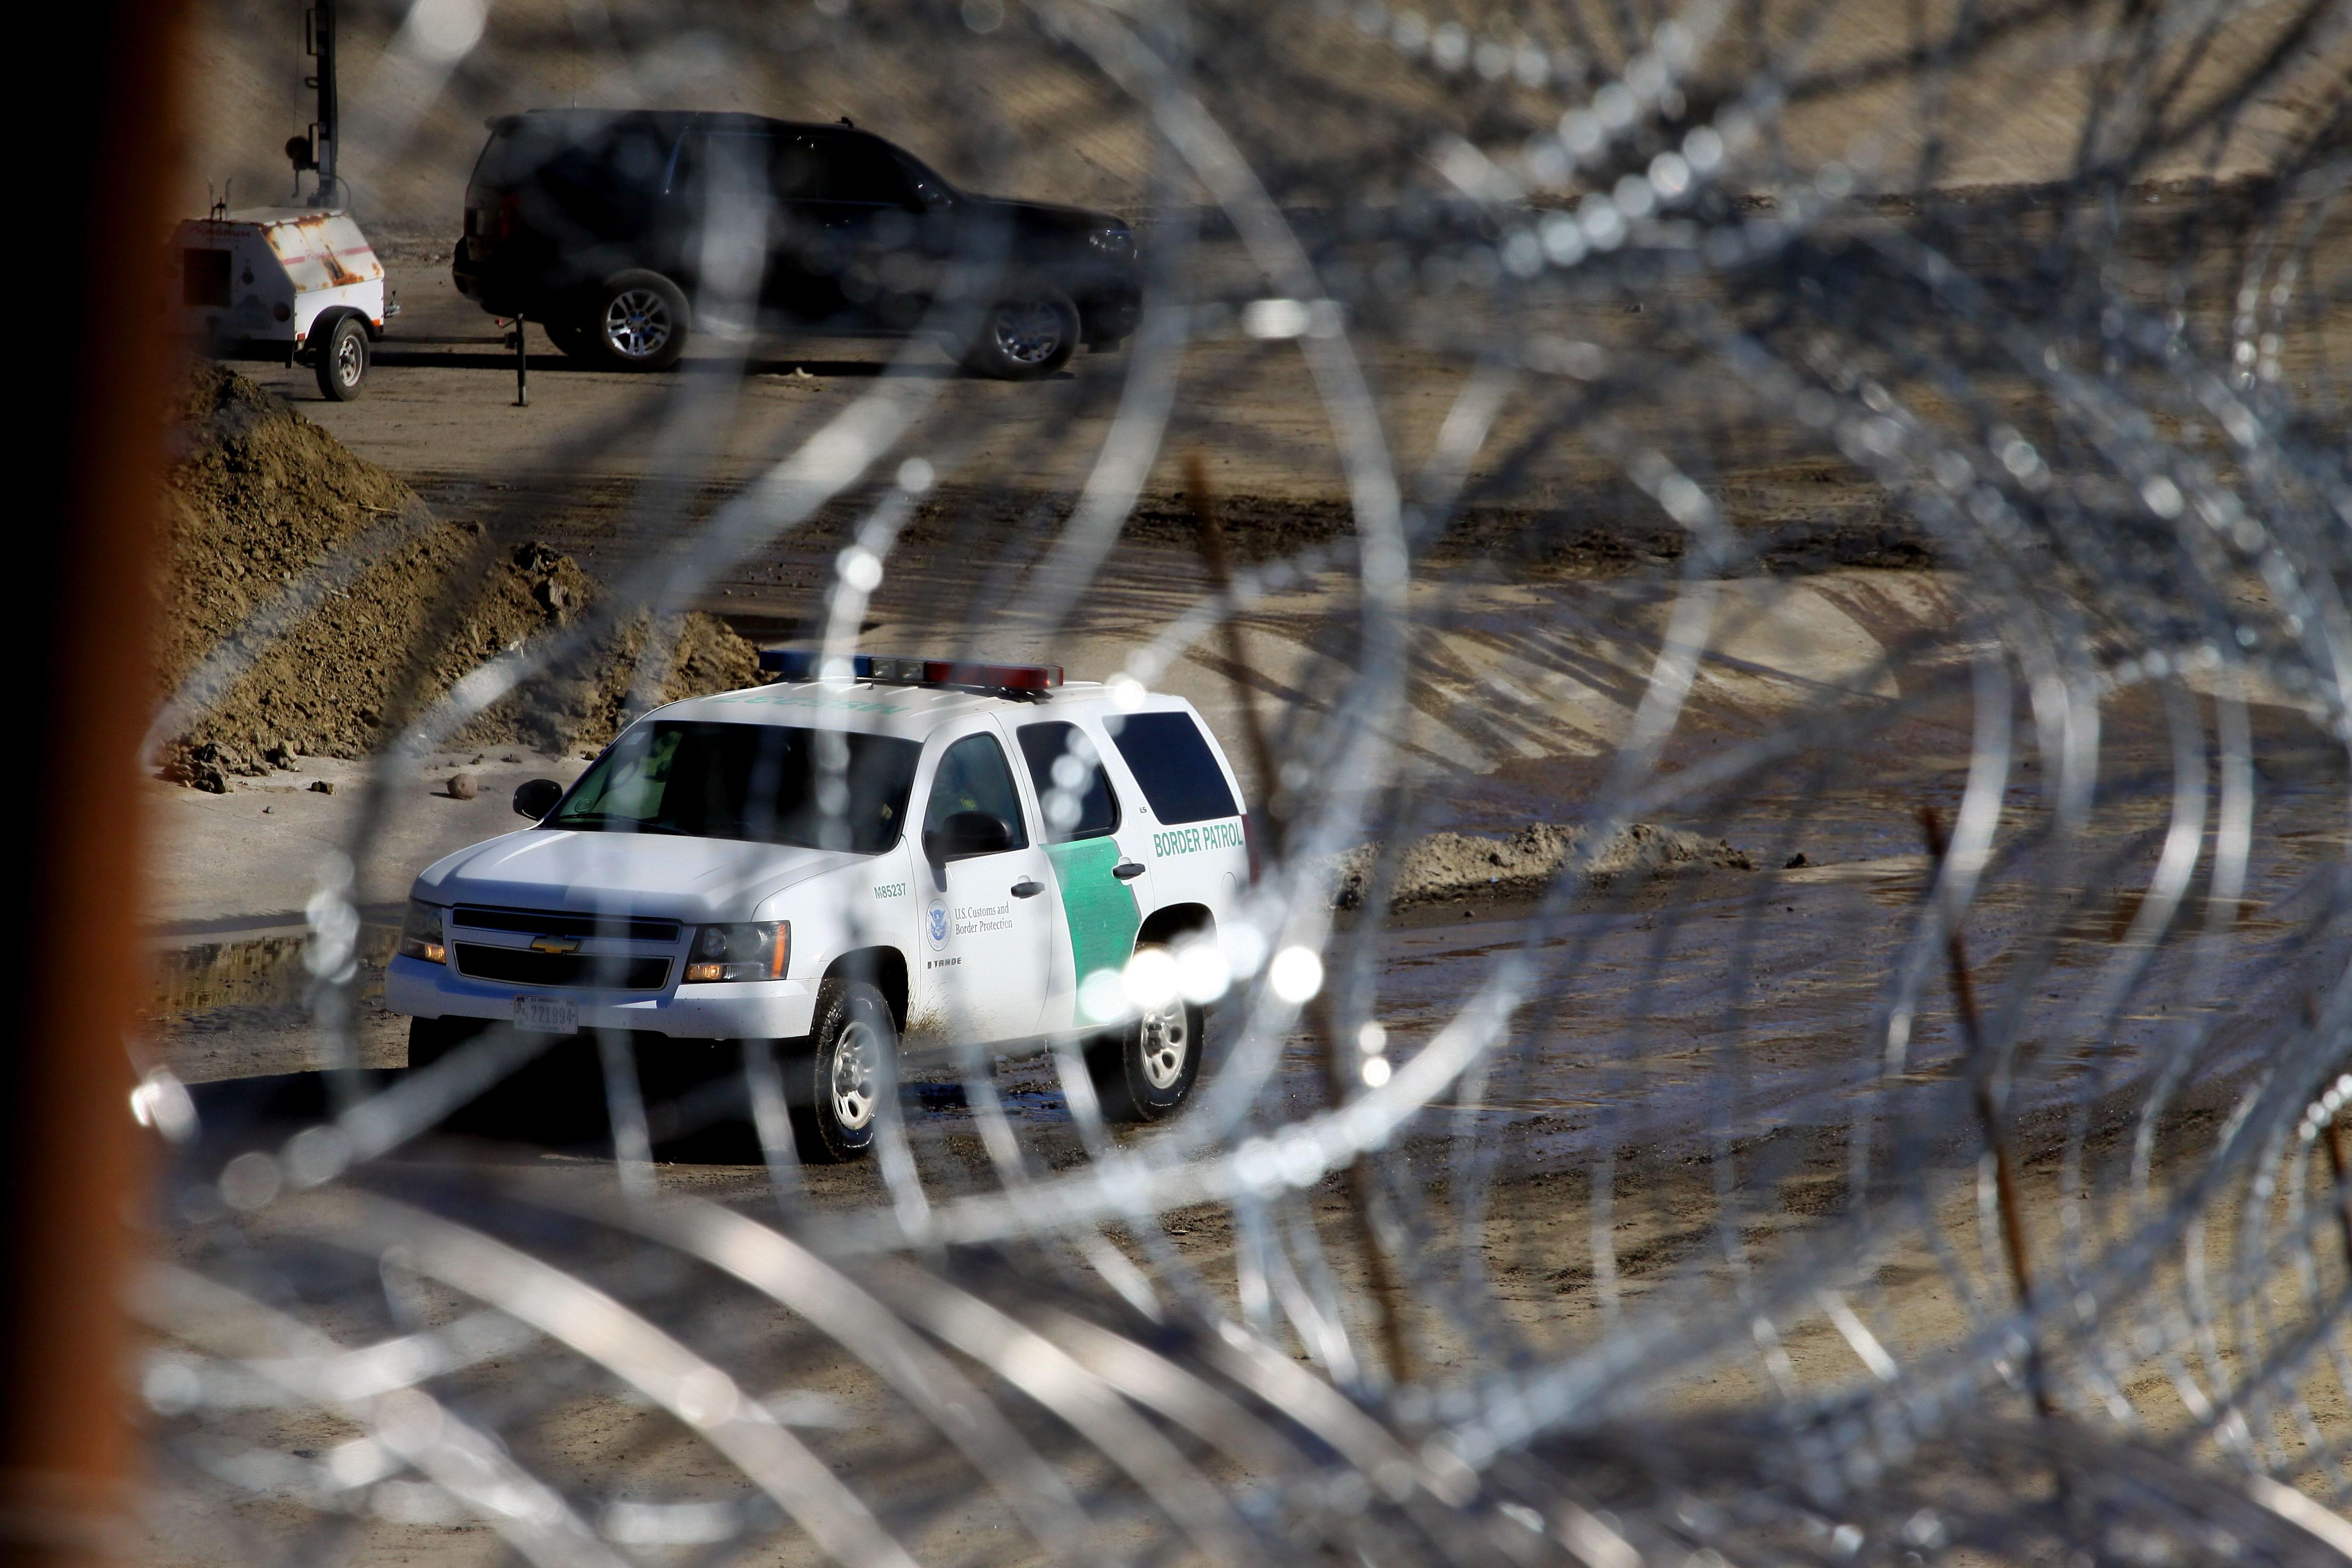 EEUU detiene a pareja por secuestros en frontera con México que dejó dos muertos